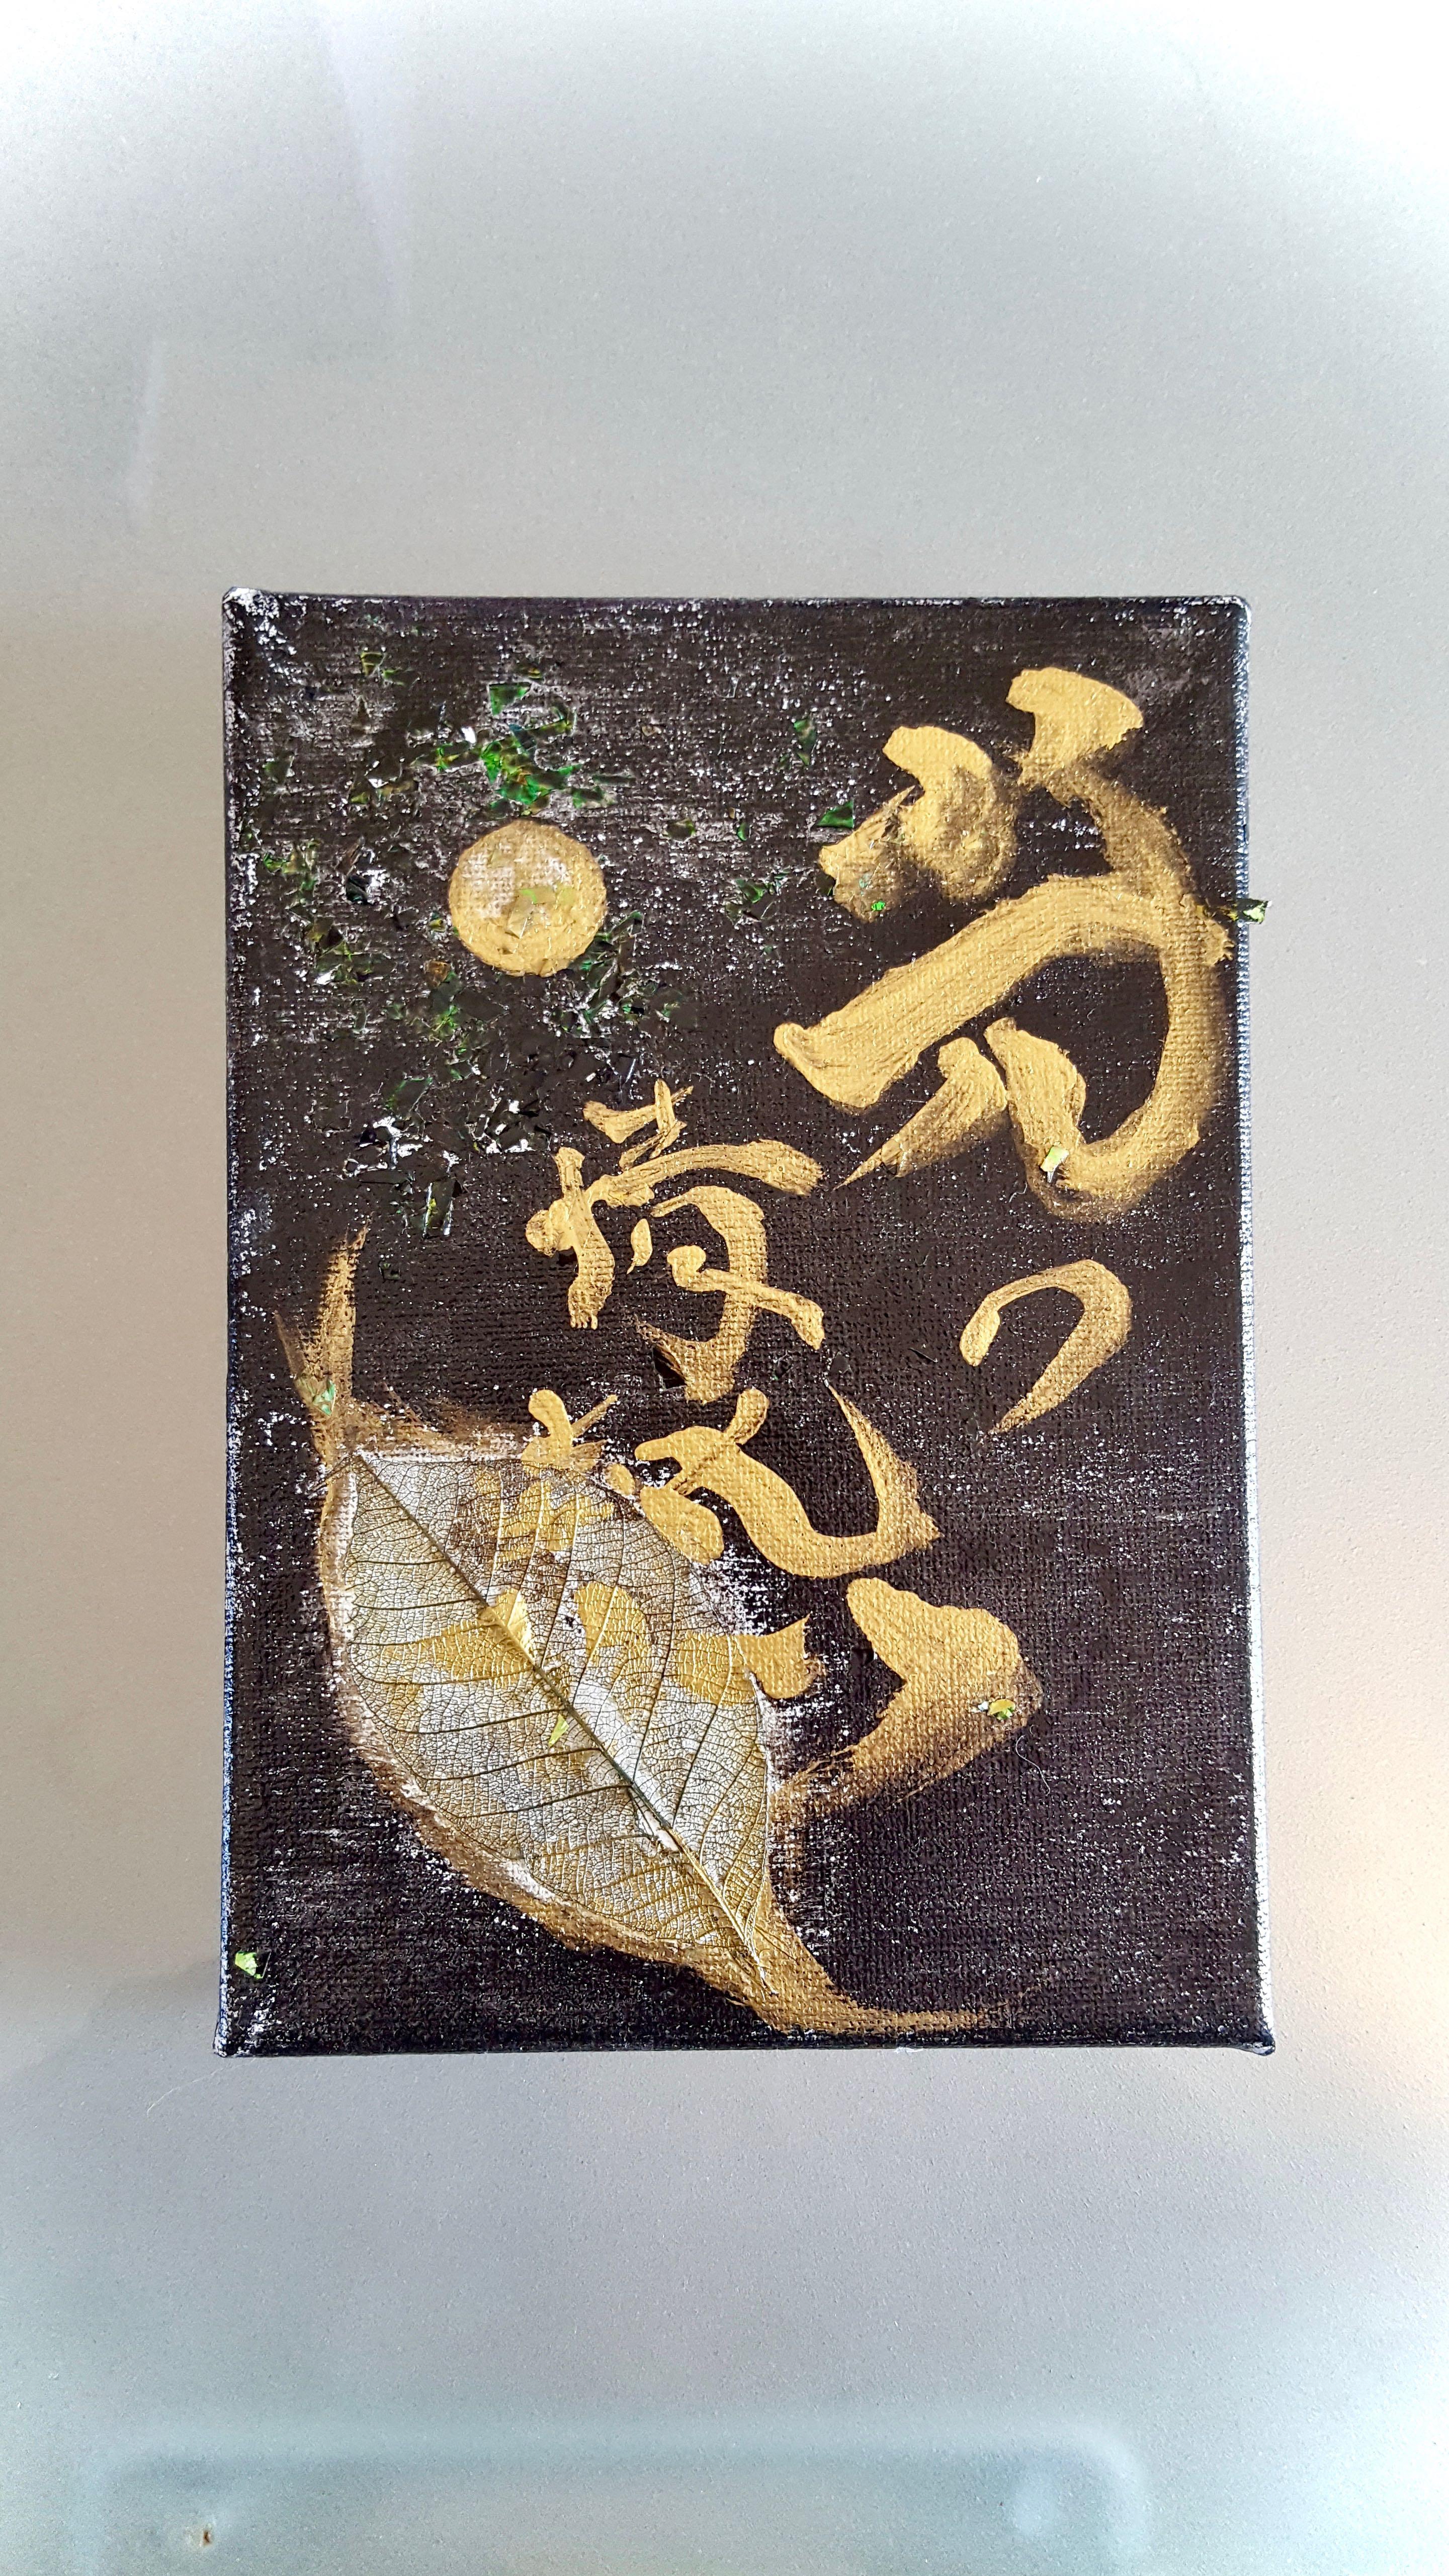 Miyukimoon Kotoba Art